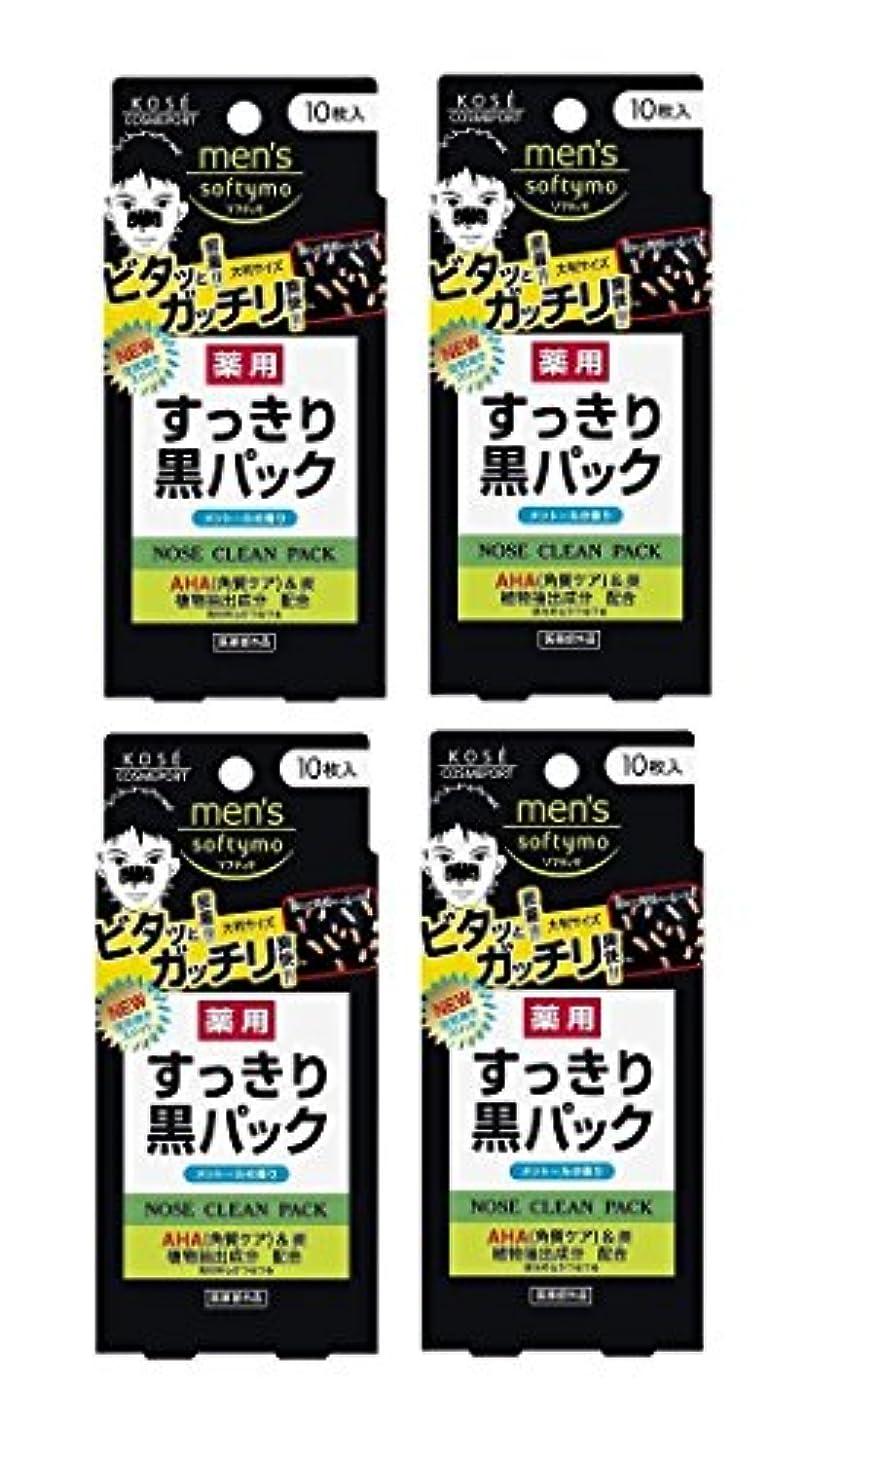 ボットバラエティインド【まとめ買い】KOSE コーセー メンズ ソフティモ 薬用 黒パック 10枚入 (医薬部外品)×4個